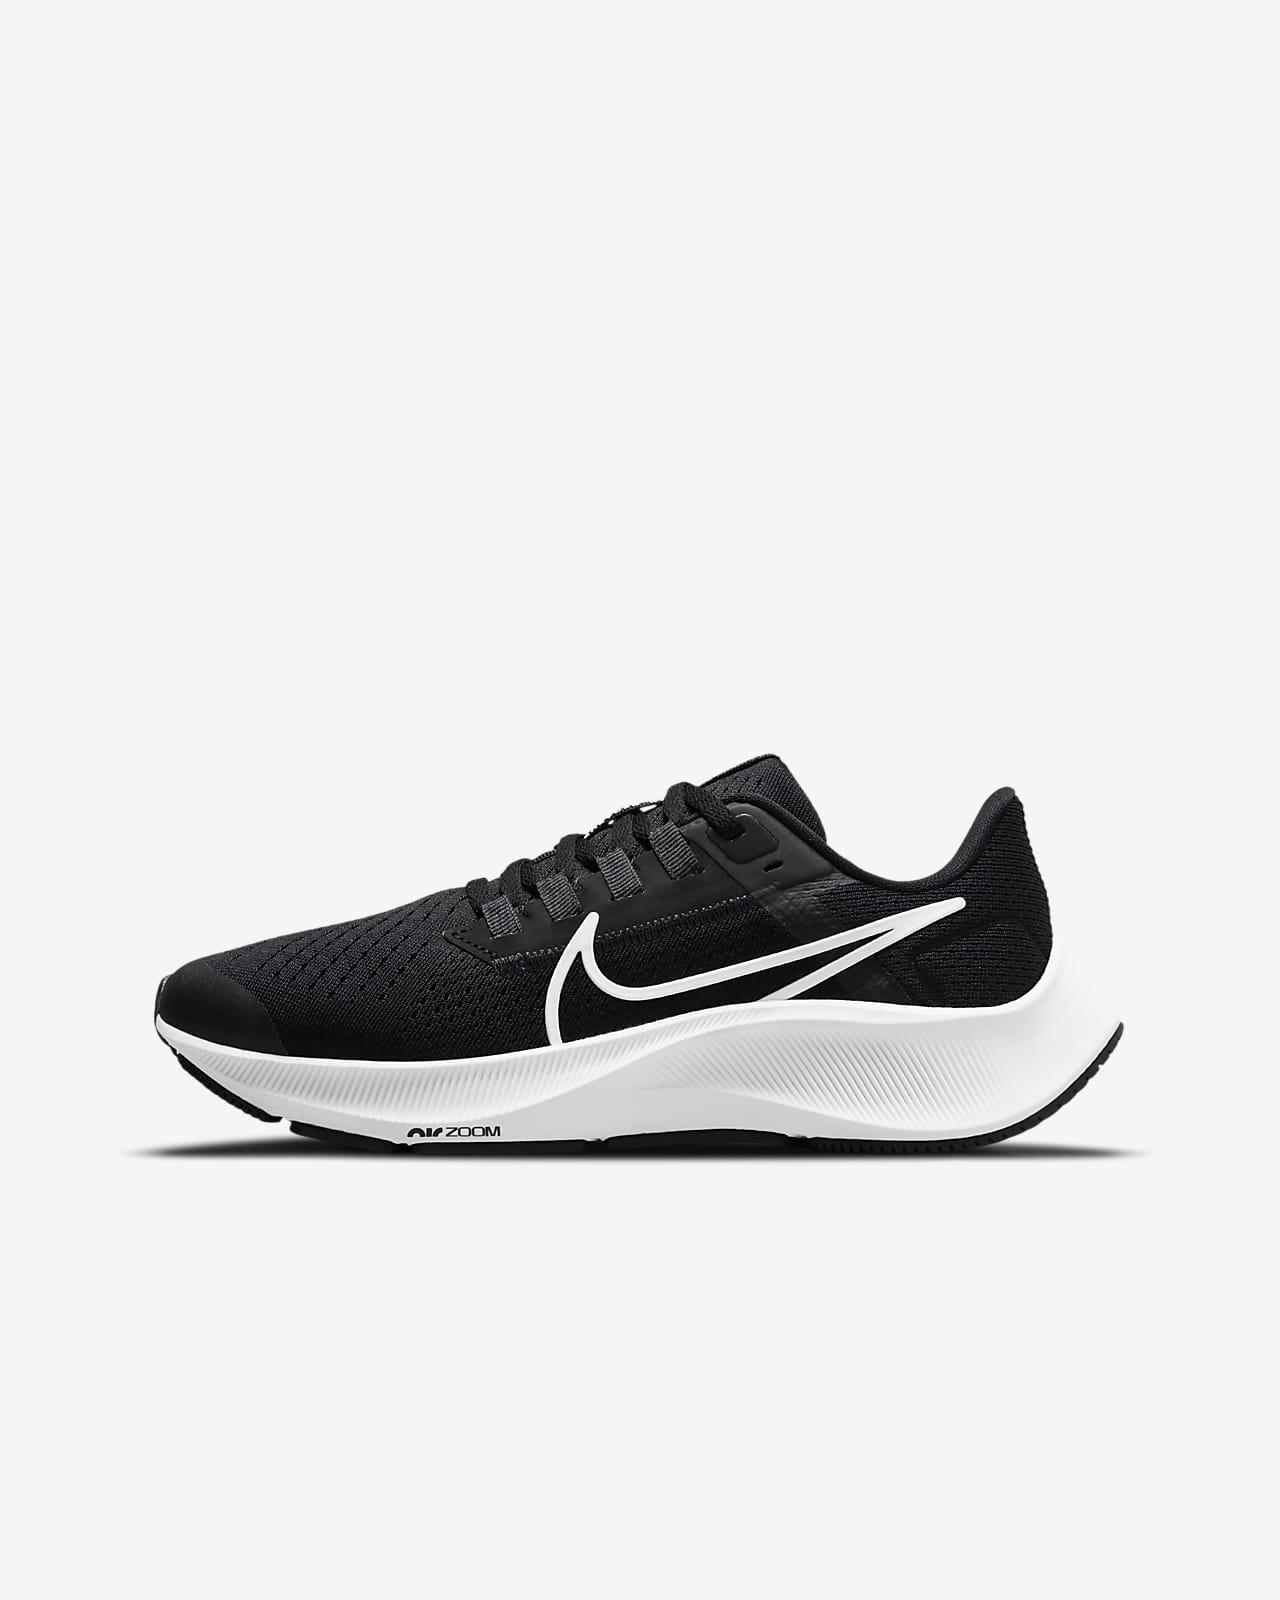 Παπούτσι για τρέξιμο σε δρόμο Nike Air Zoom Pegasus 38 για μεγάλα παιδιά